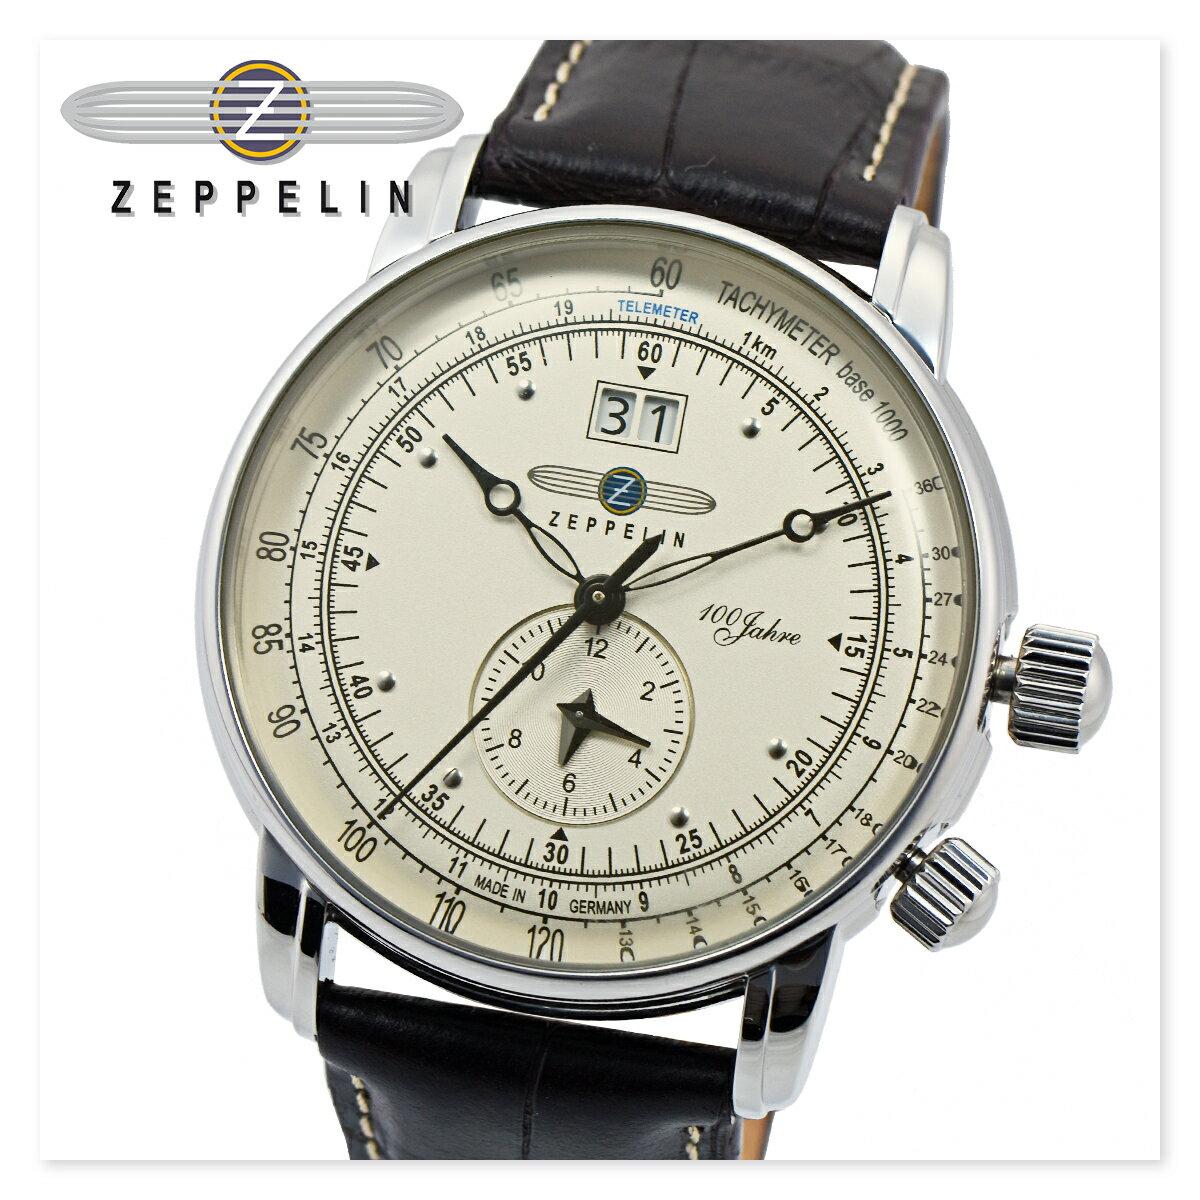 ZEPPELIN ツェッペリン 7640-1 メンズ 時計 腕時計 プレゼント ギフト 贈り物 おしゃれ[あす楽]